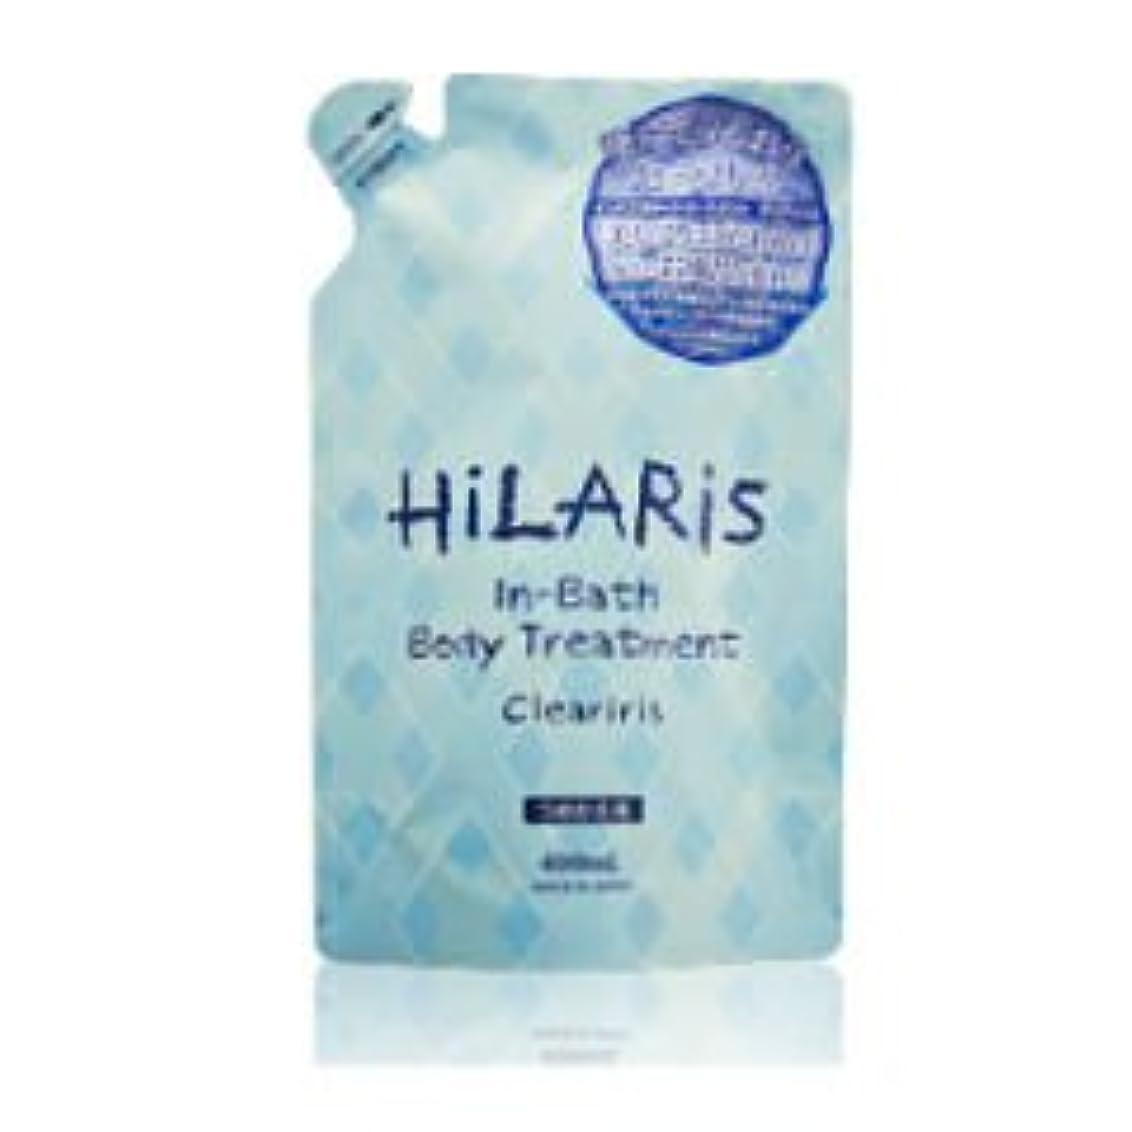 災害動力学地震ヒラリス(HiLARiS)クリアイリスインバスボディトリートメント詰替